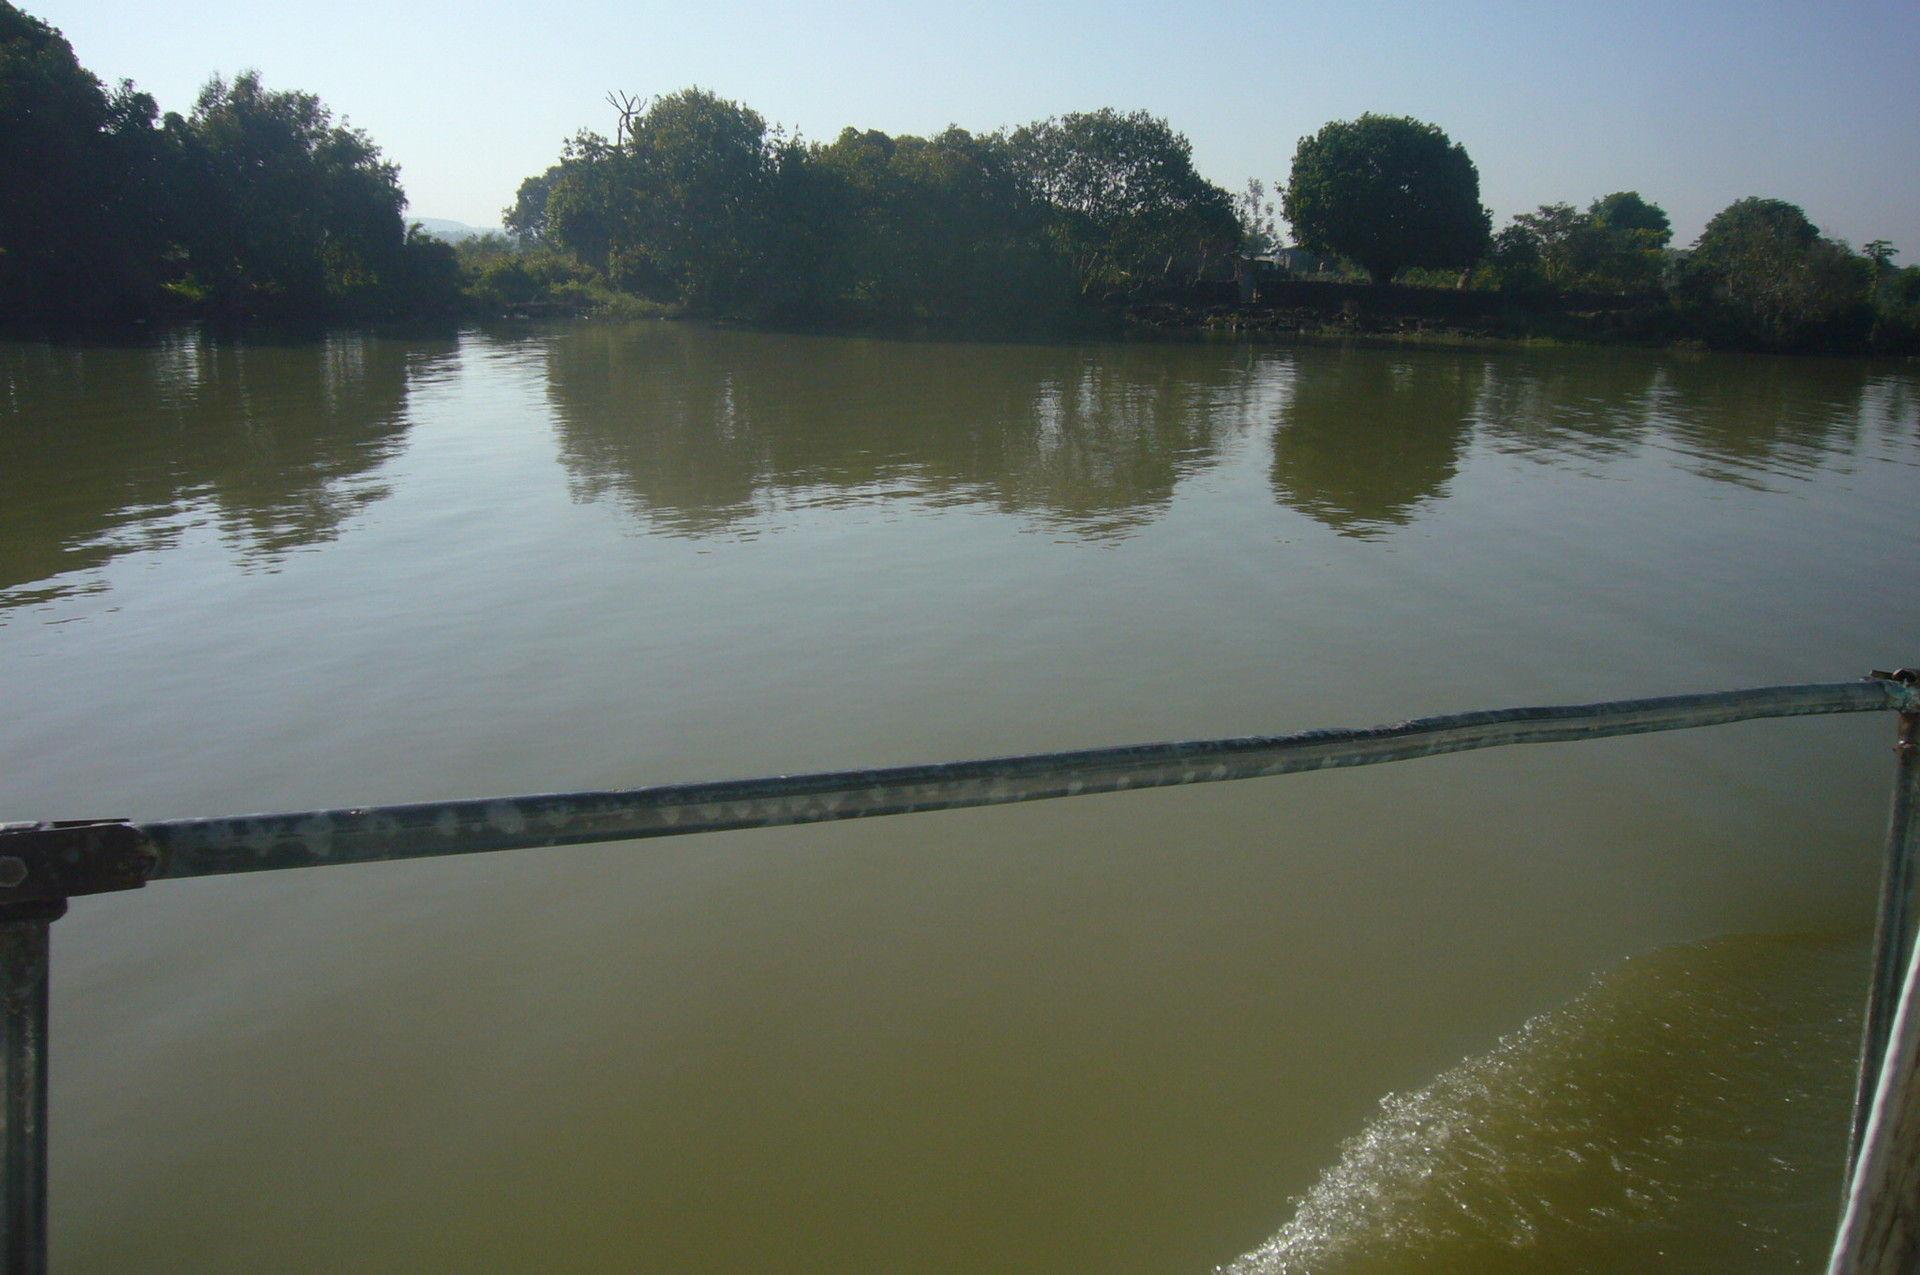 Vamos con los ríos, ¿qué río, de media, descarga más caudal de agua en el Mediterráneo?